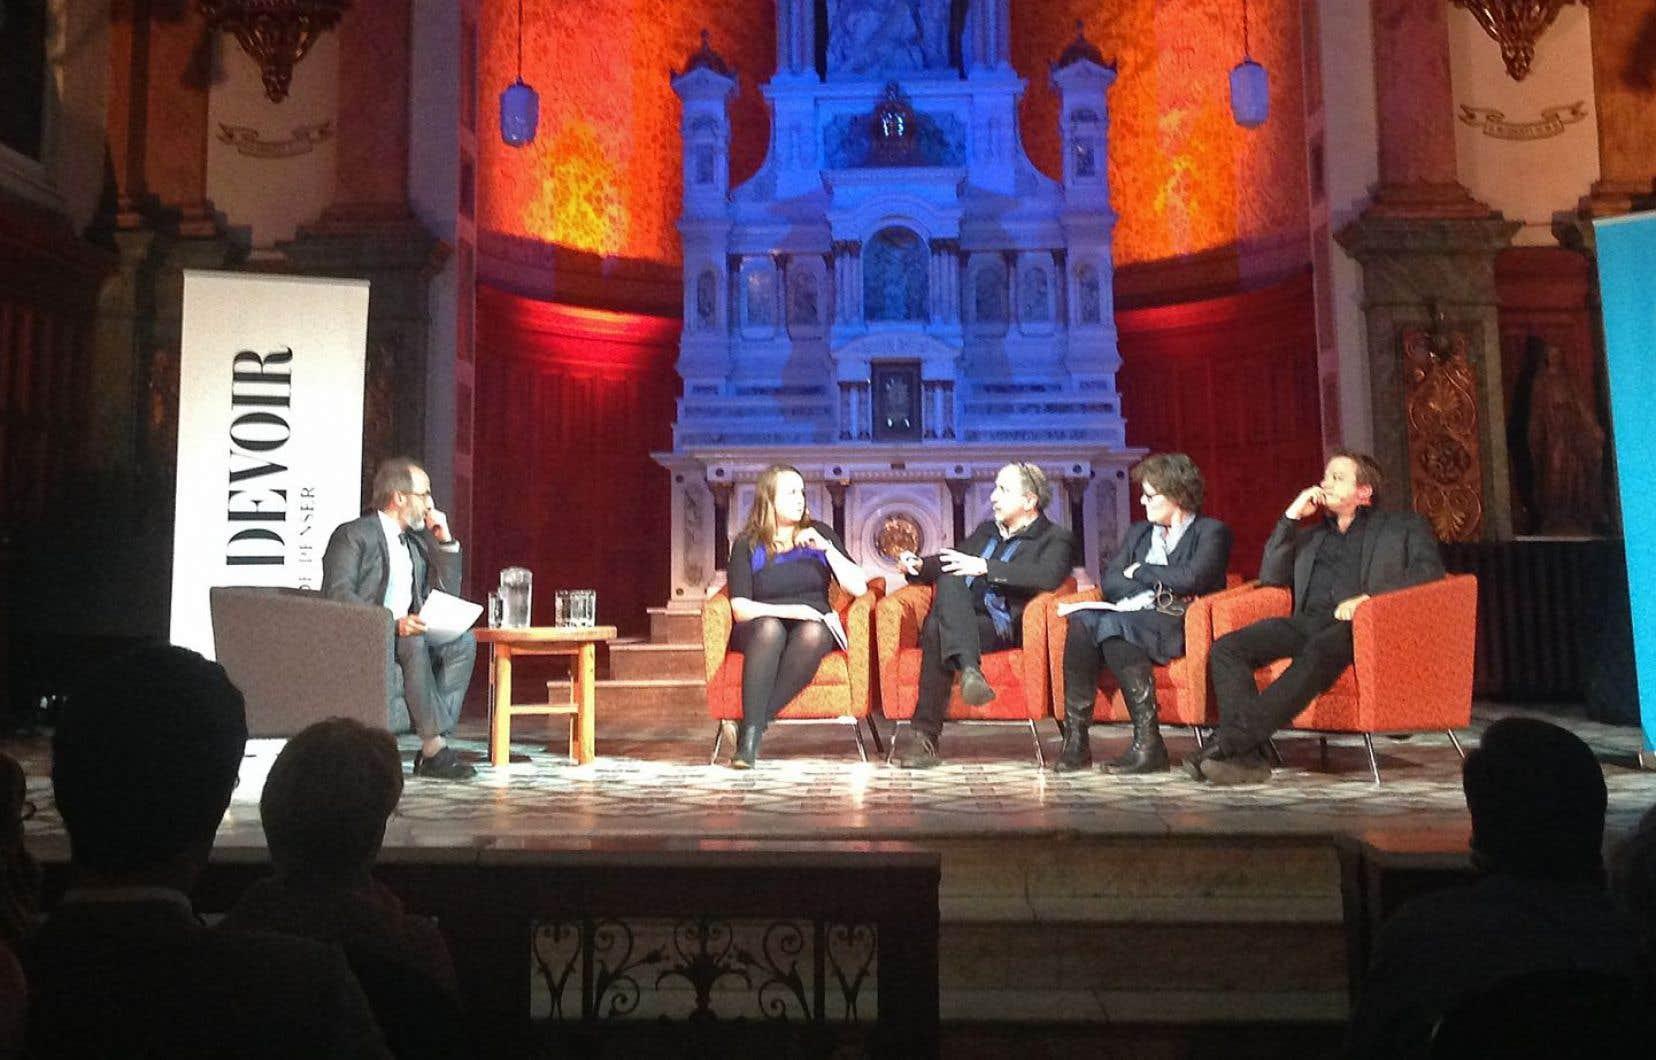 La discussion qui avait lieu à la Chapelle de l'Amérique francophone opposait le chroniqueur du «Devoir» Christian Rioux, la présidente du Mouvement national des Québécois, Martine Desjardins, la chroniqueuse Anne Lagacé Dowson et le juriste Frédéric Bérard.